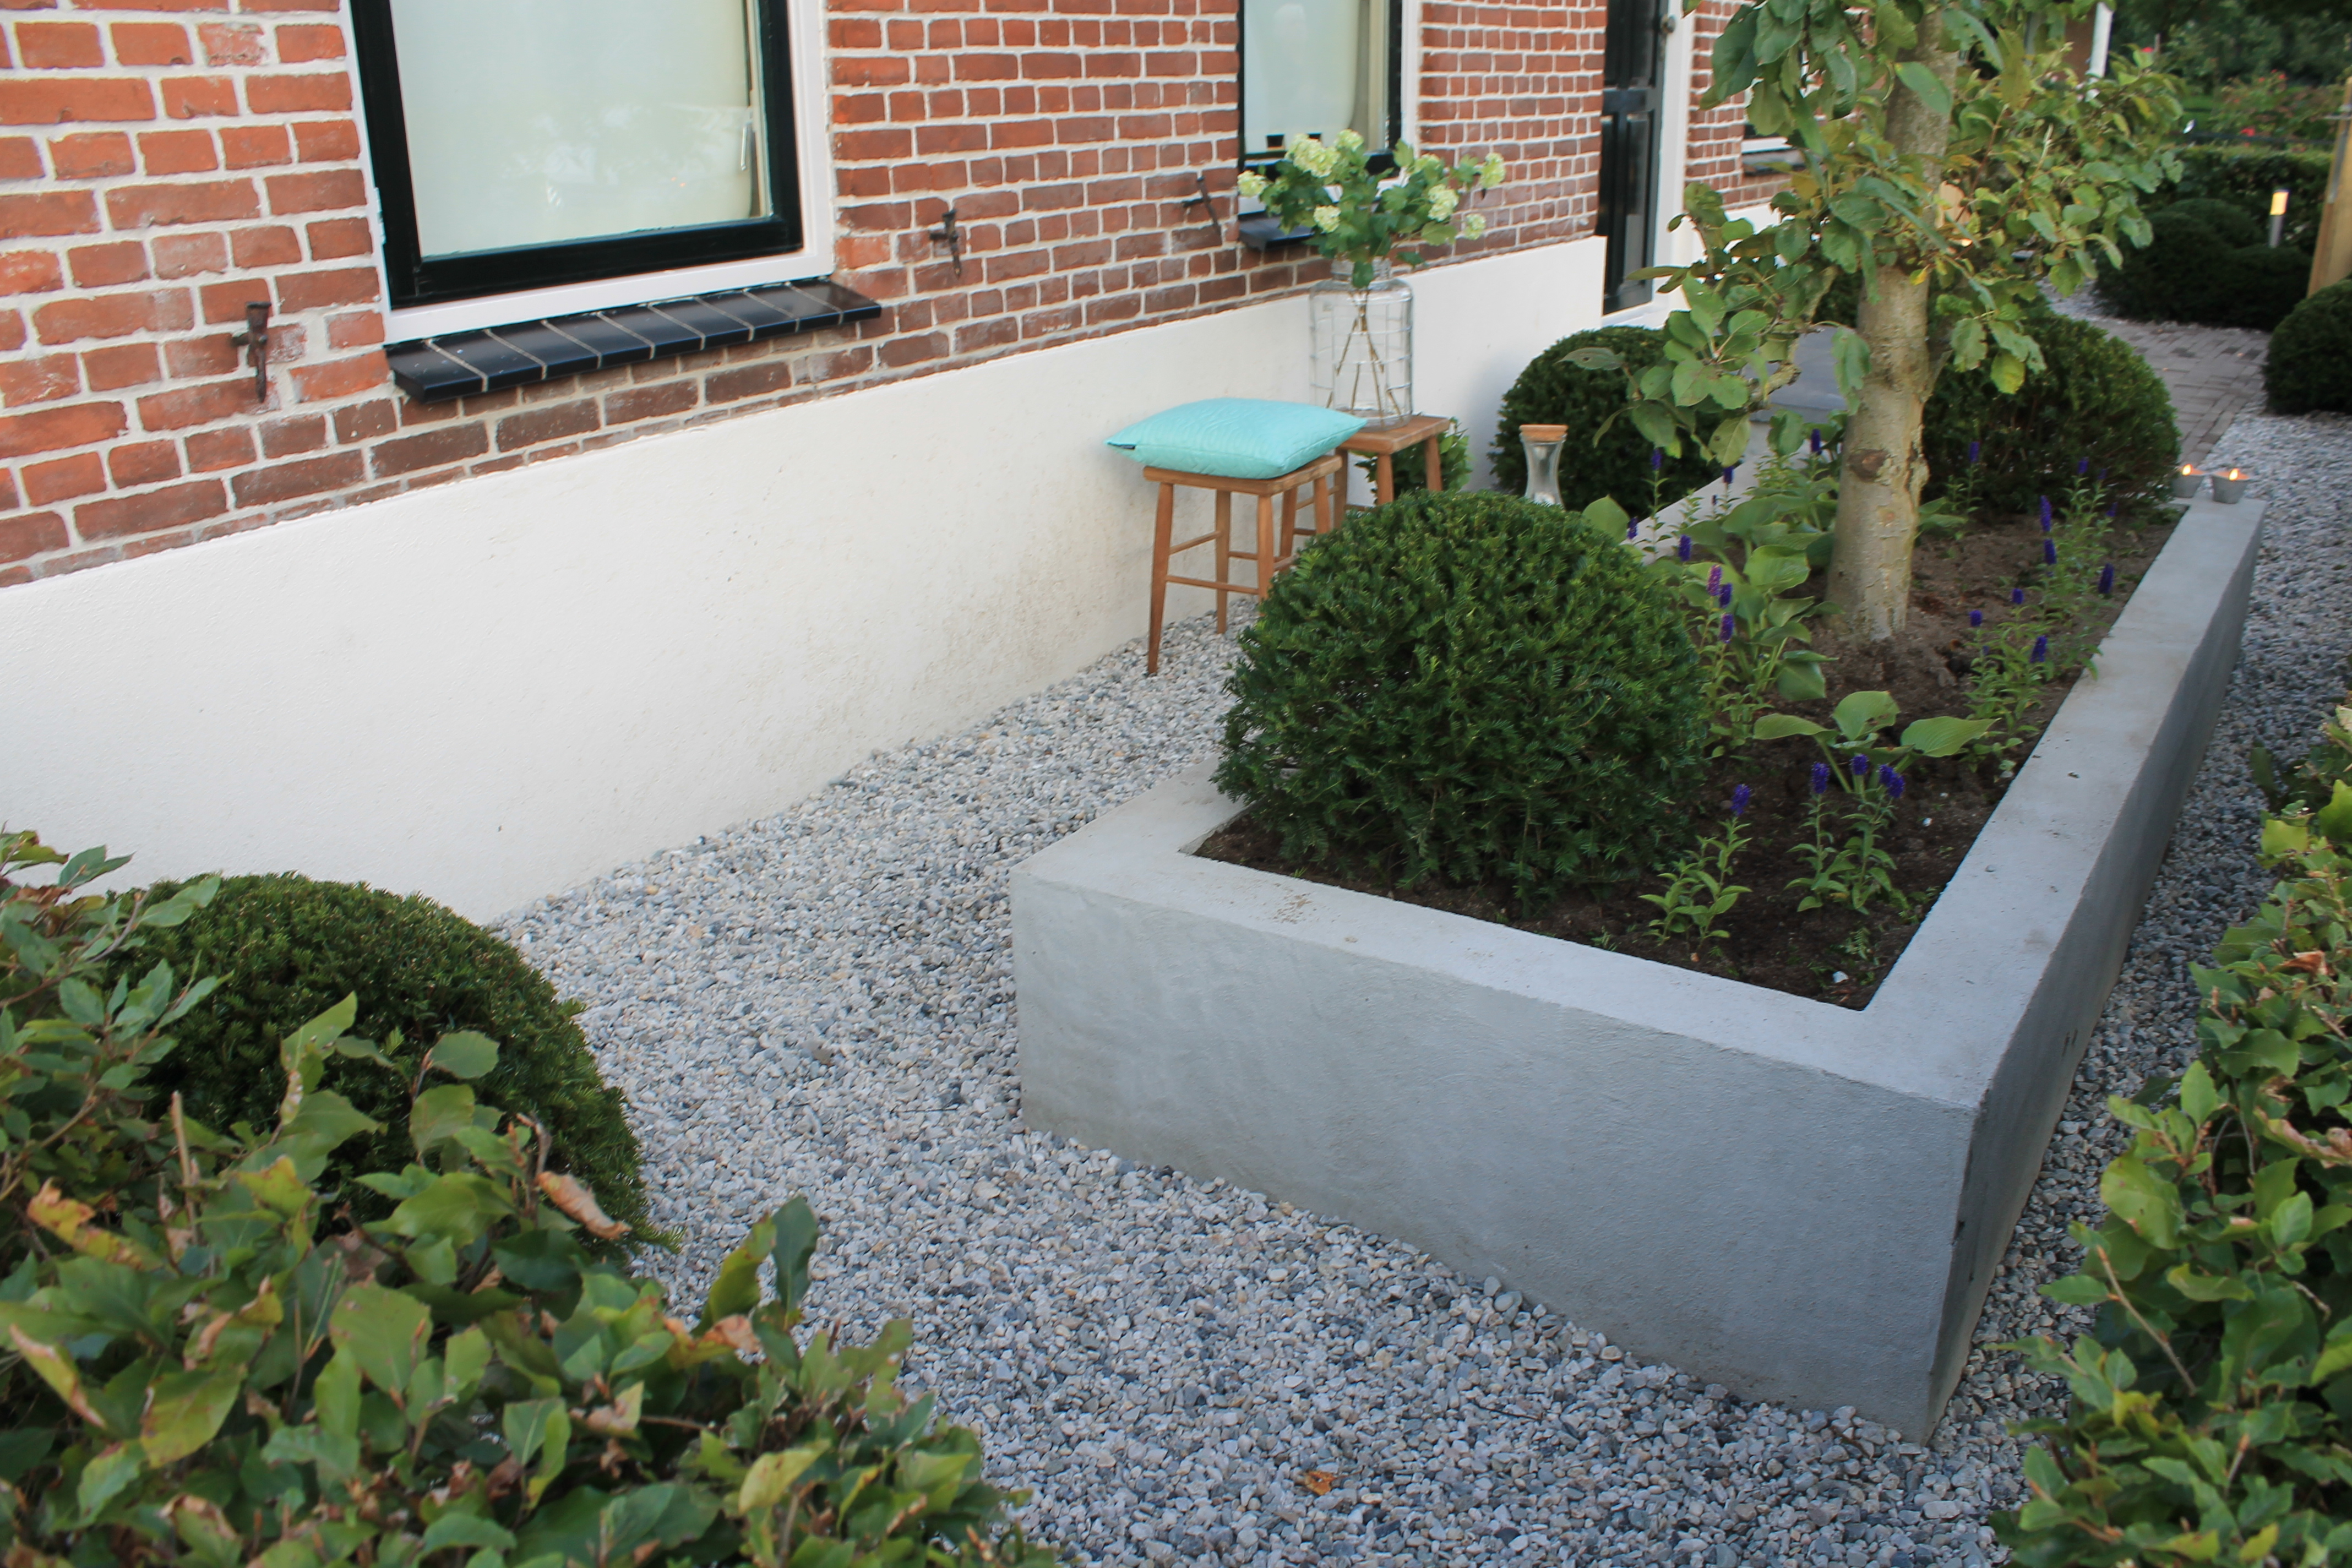 Beton Storten Tuin : Beton bakken tuin grind en betonnen bakken verwijderen uit tuin